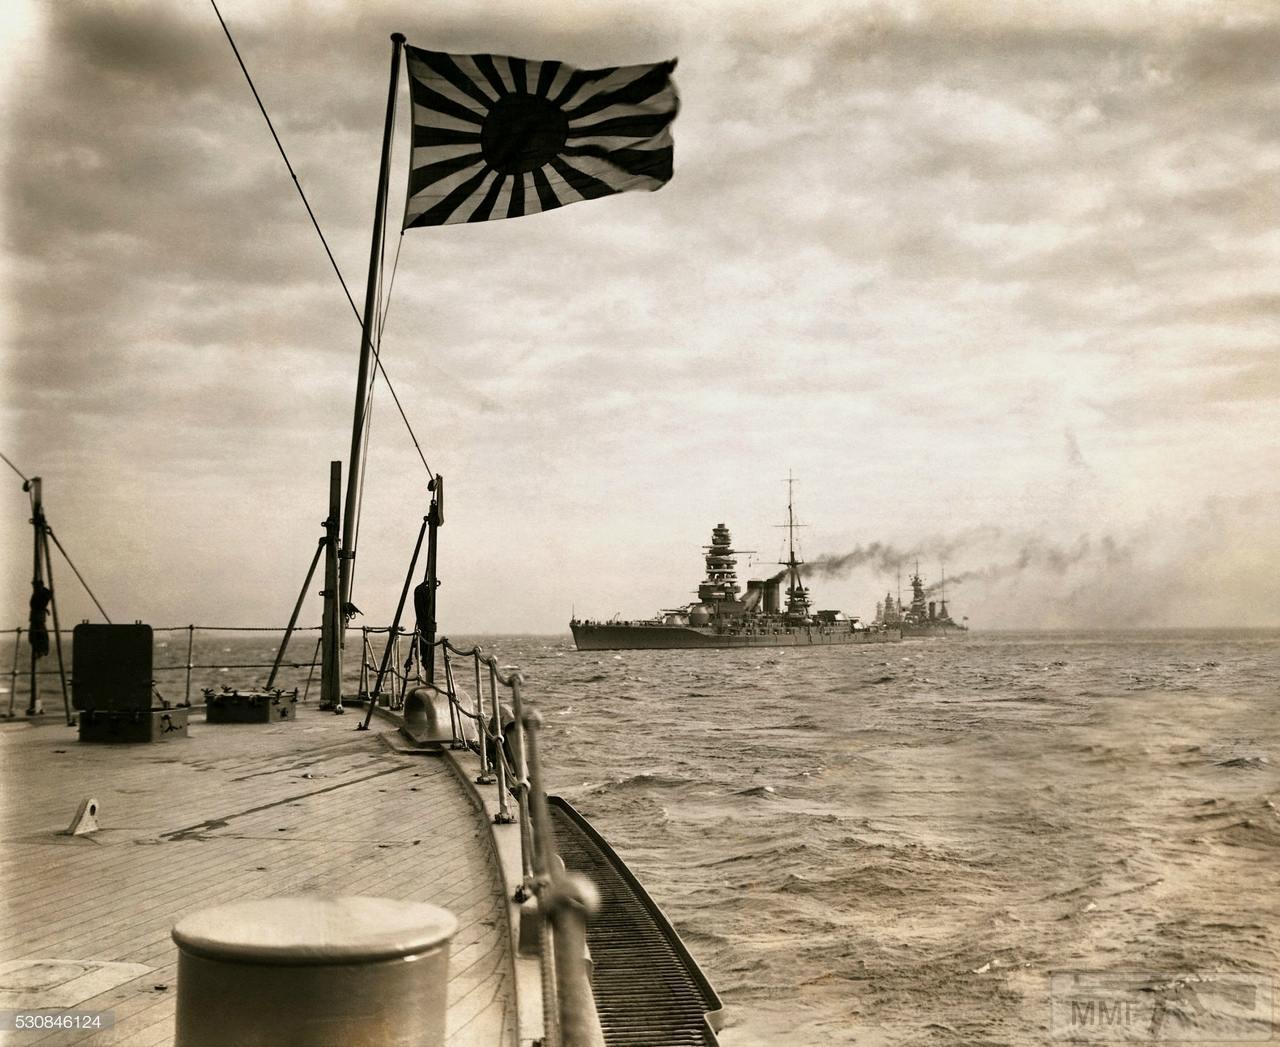 76815 - Линкоры Императорского флота (大日本帝國海軍 Дай-Ниппон Тэйкоку Кайгун, Флот Великой Японской империи)